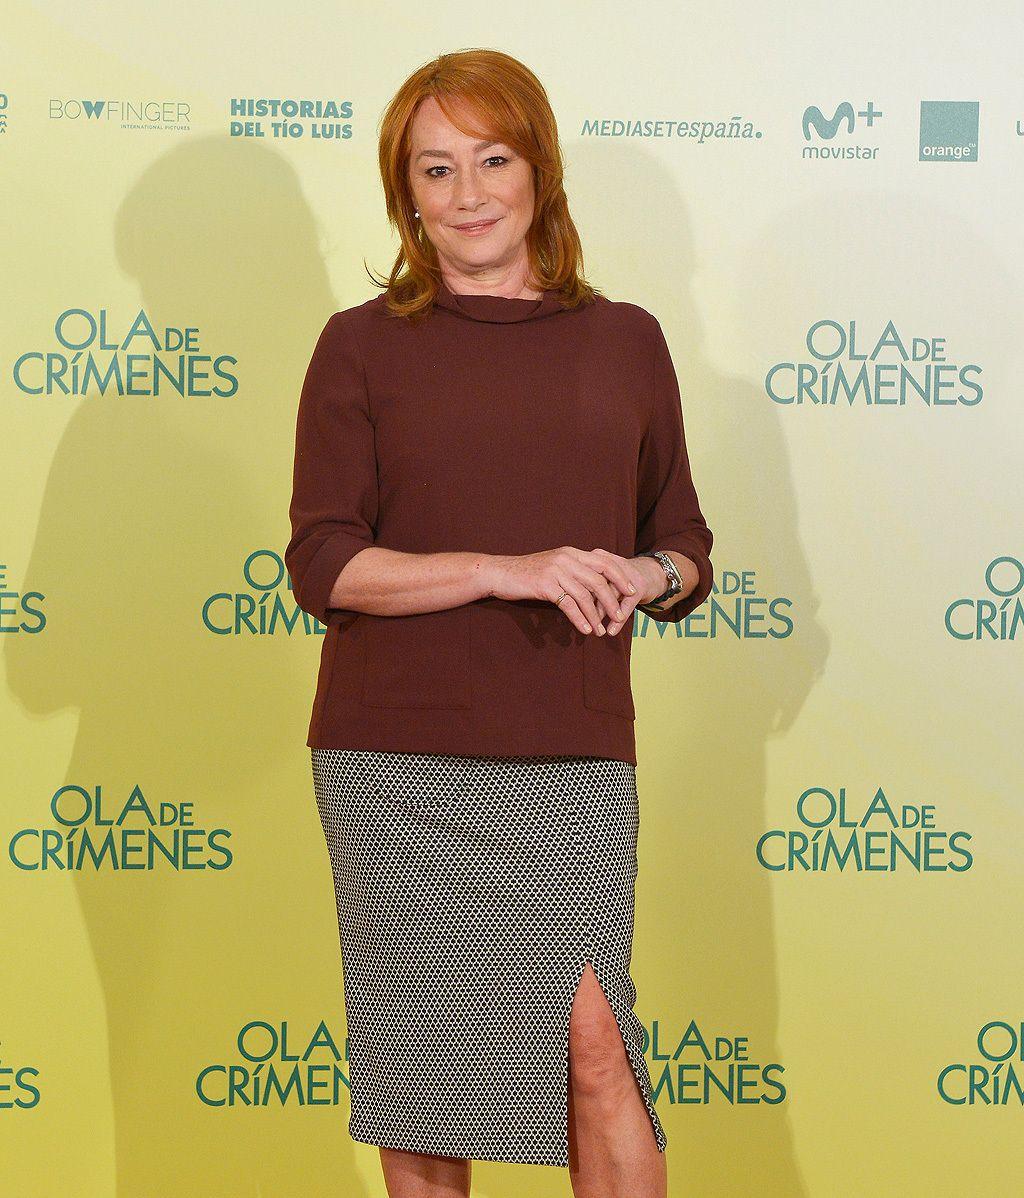 Presentación 'Ola de crímenes' en Madrid